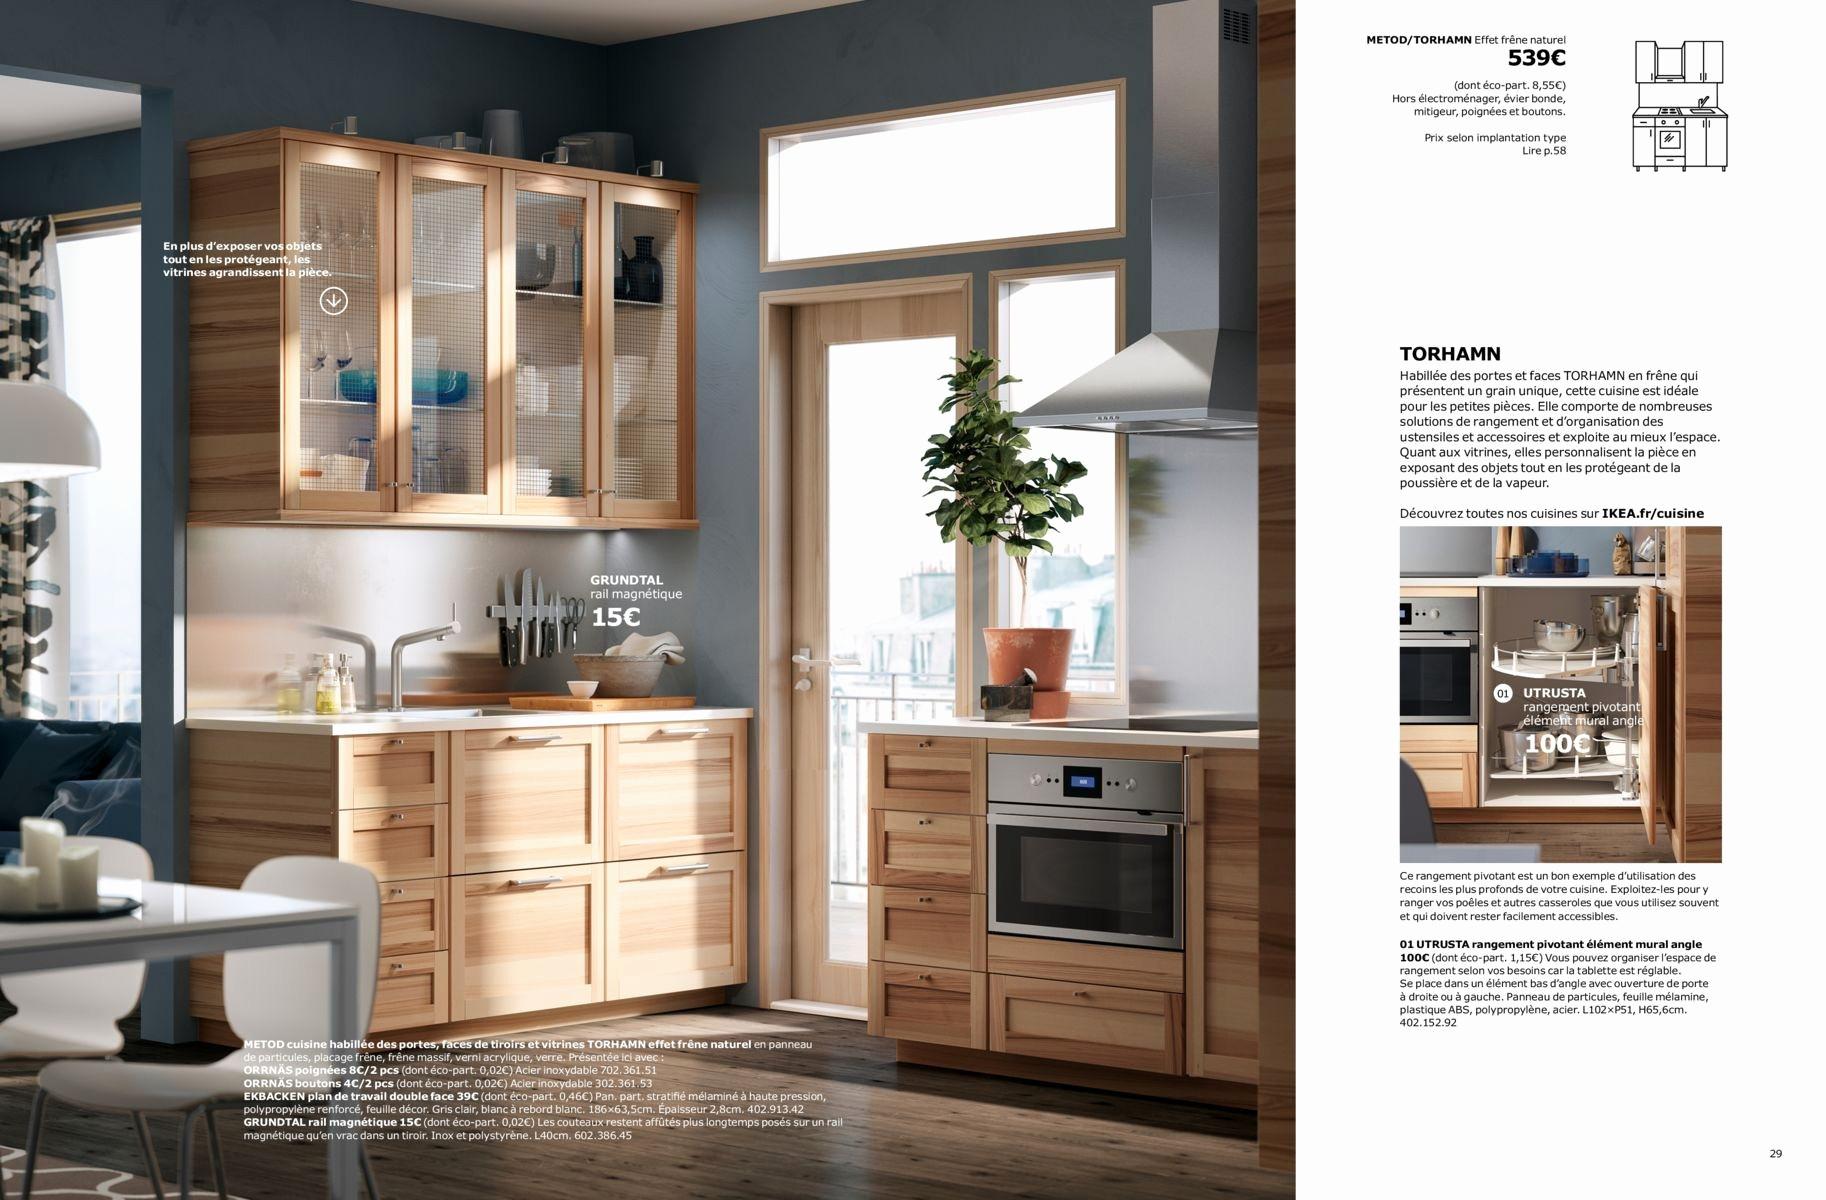 Poubelle De Cuisine originale Meilleur De Photos Poubelle Cuisine Design Lovely 60 élégant Poubelle Cuisine Ikea